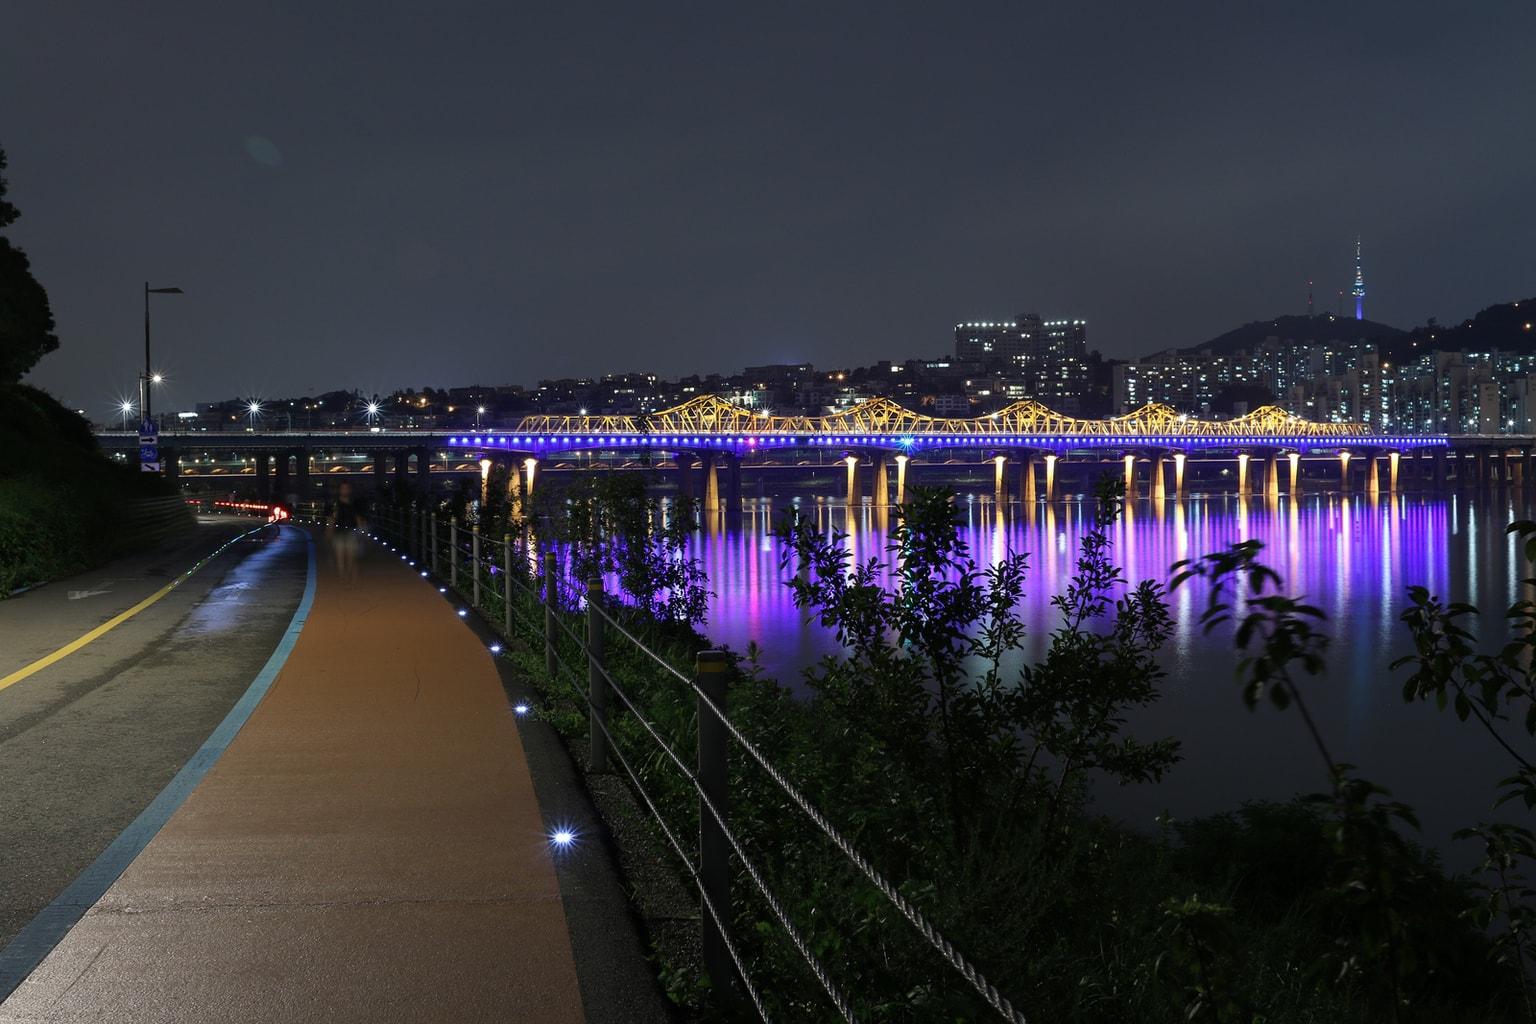 Foto ejemplo hecha con la Canon 70D-6